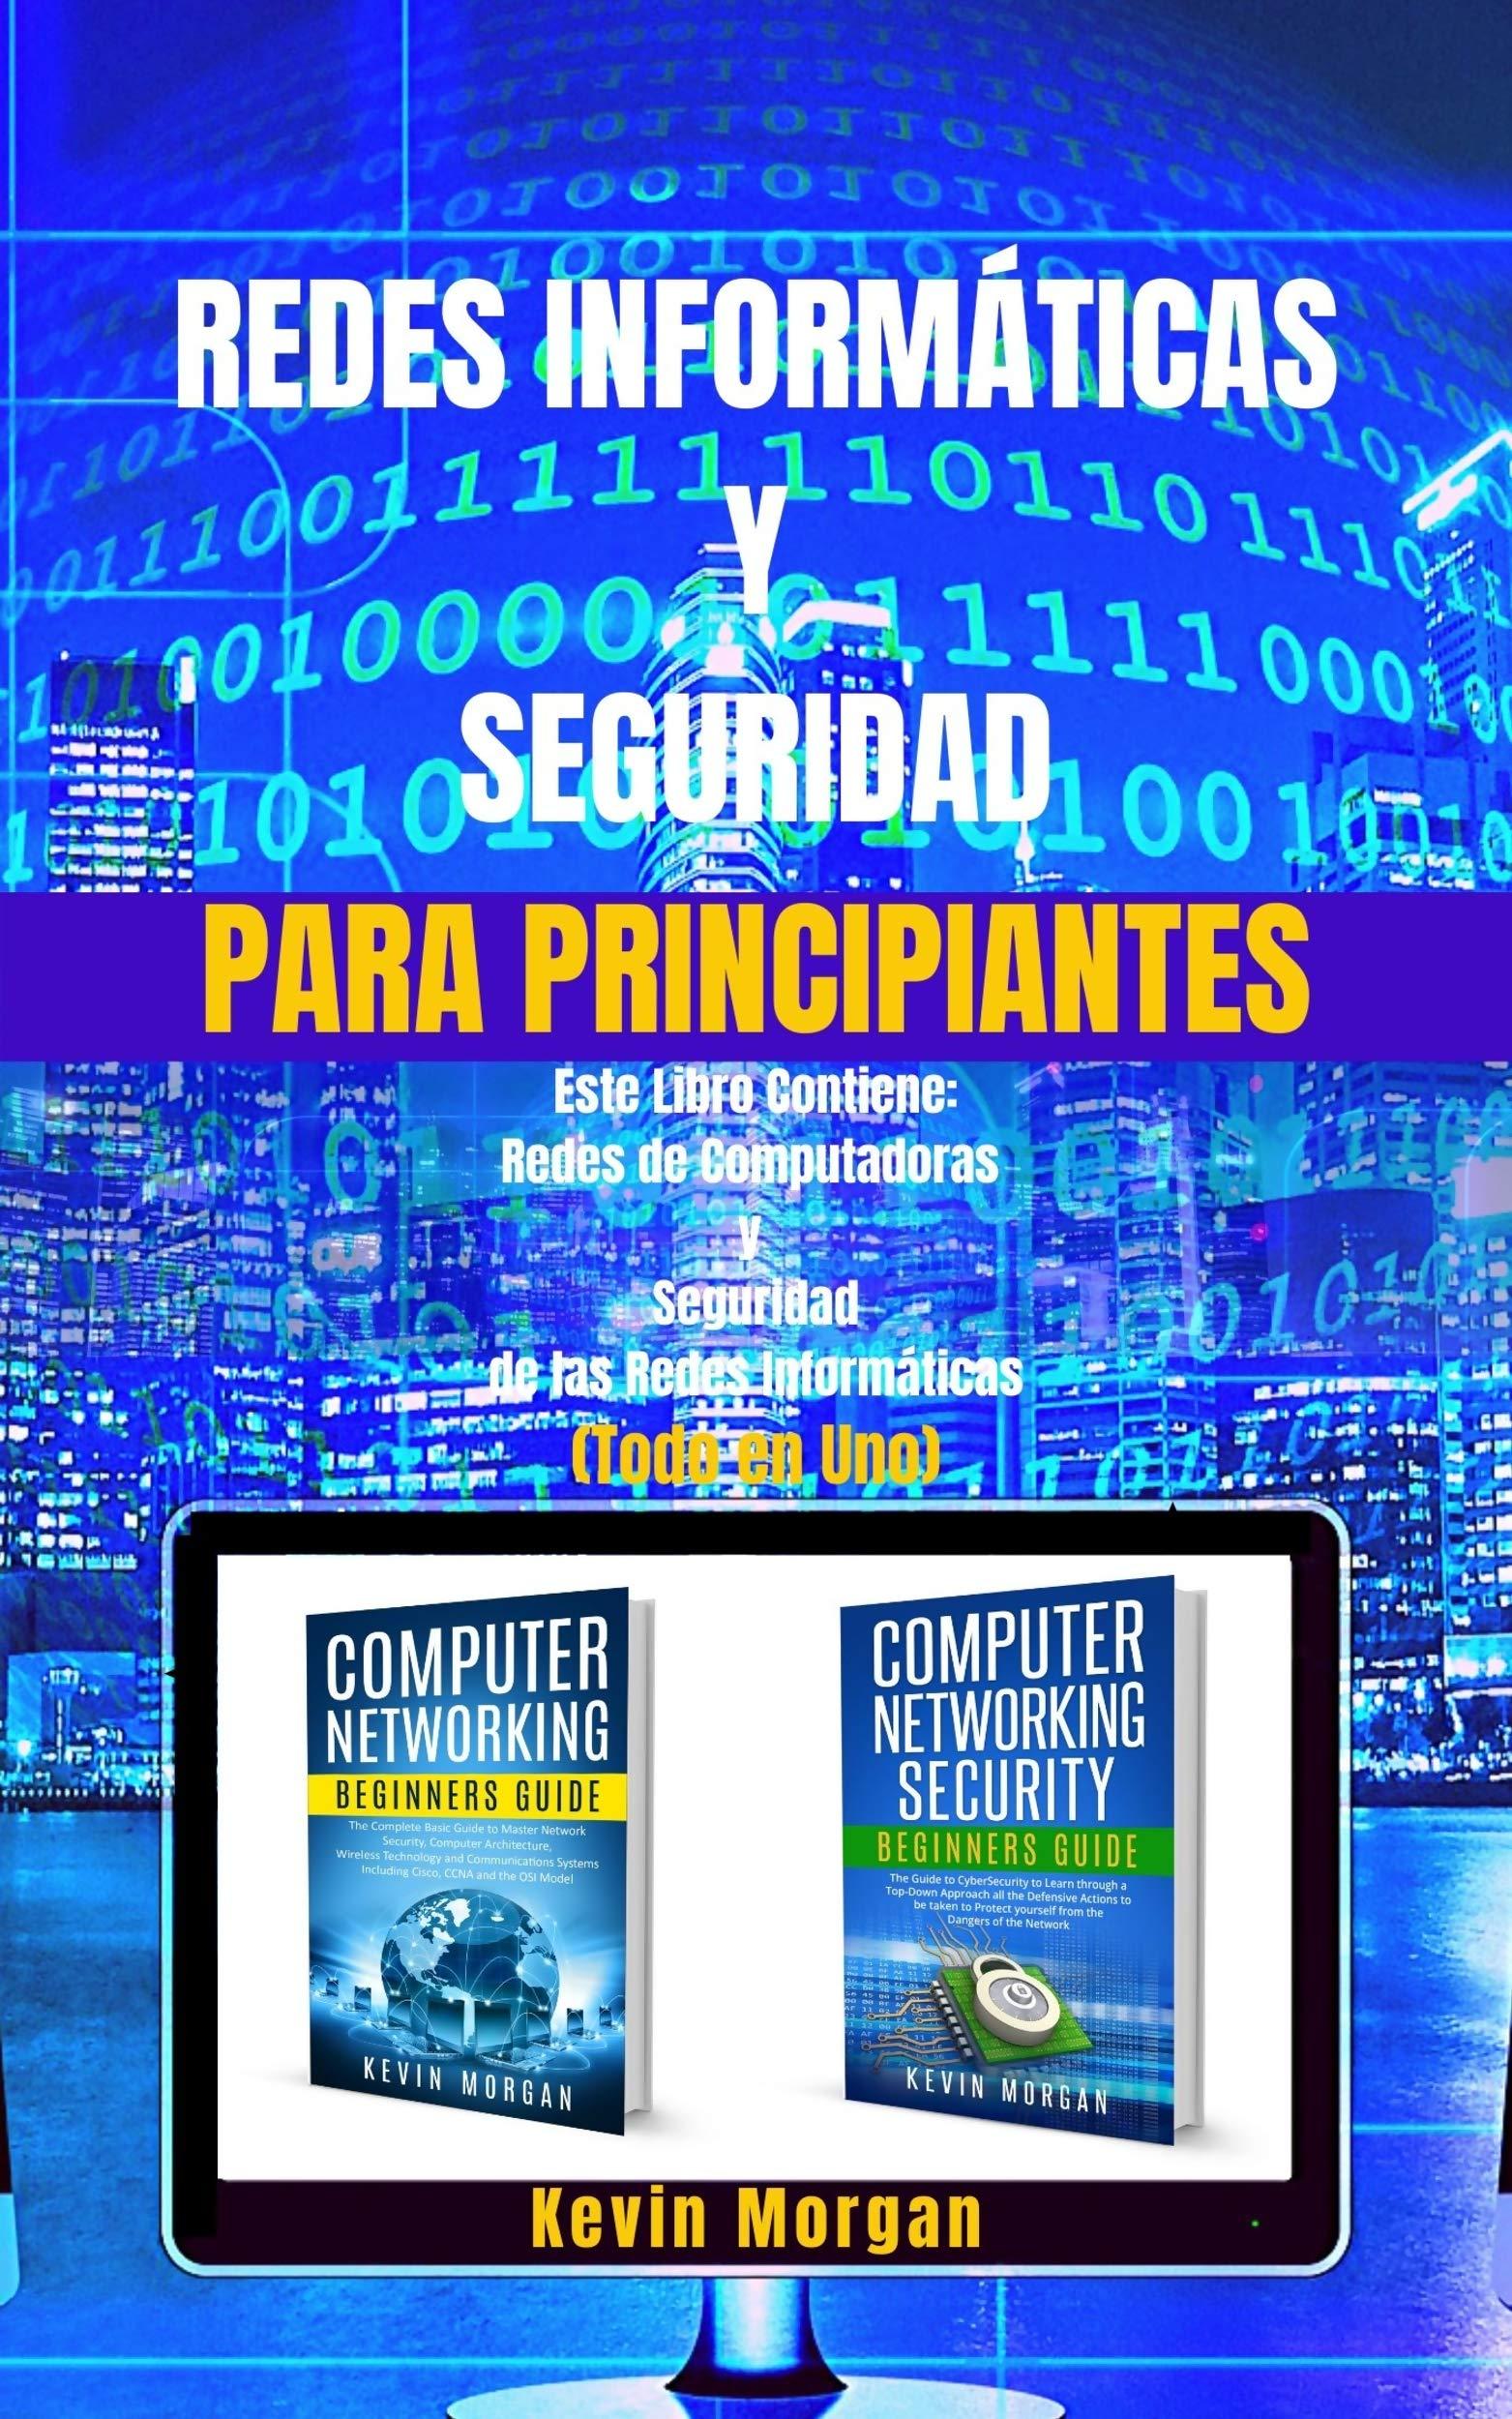 Redes Informáticas y Seguridad para Principiantes: Este Libro Contiene: Redes de Computadoras y Seguridad de las Redes Informáticas. (Todo en Uno) por Kevin Morgan